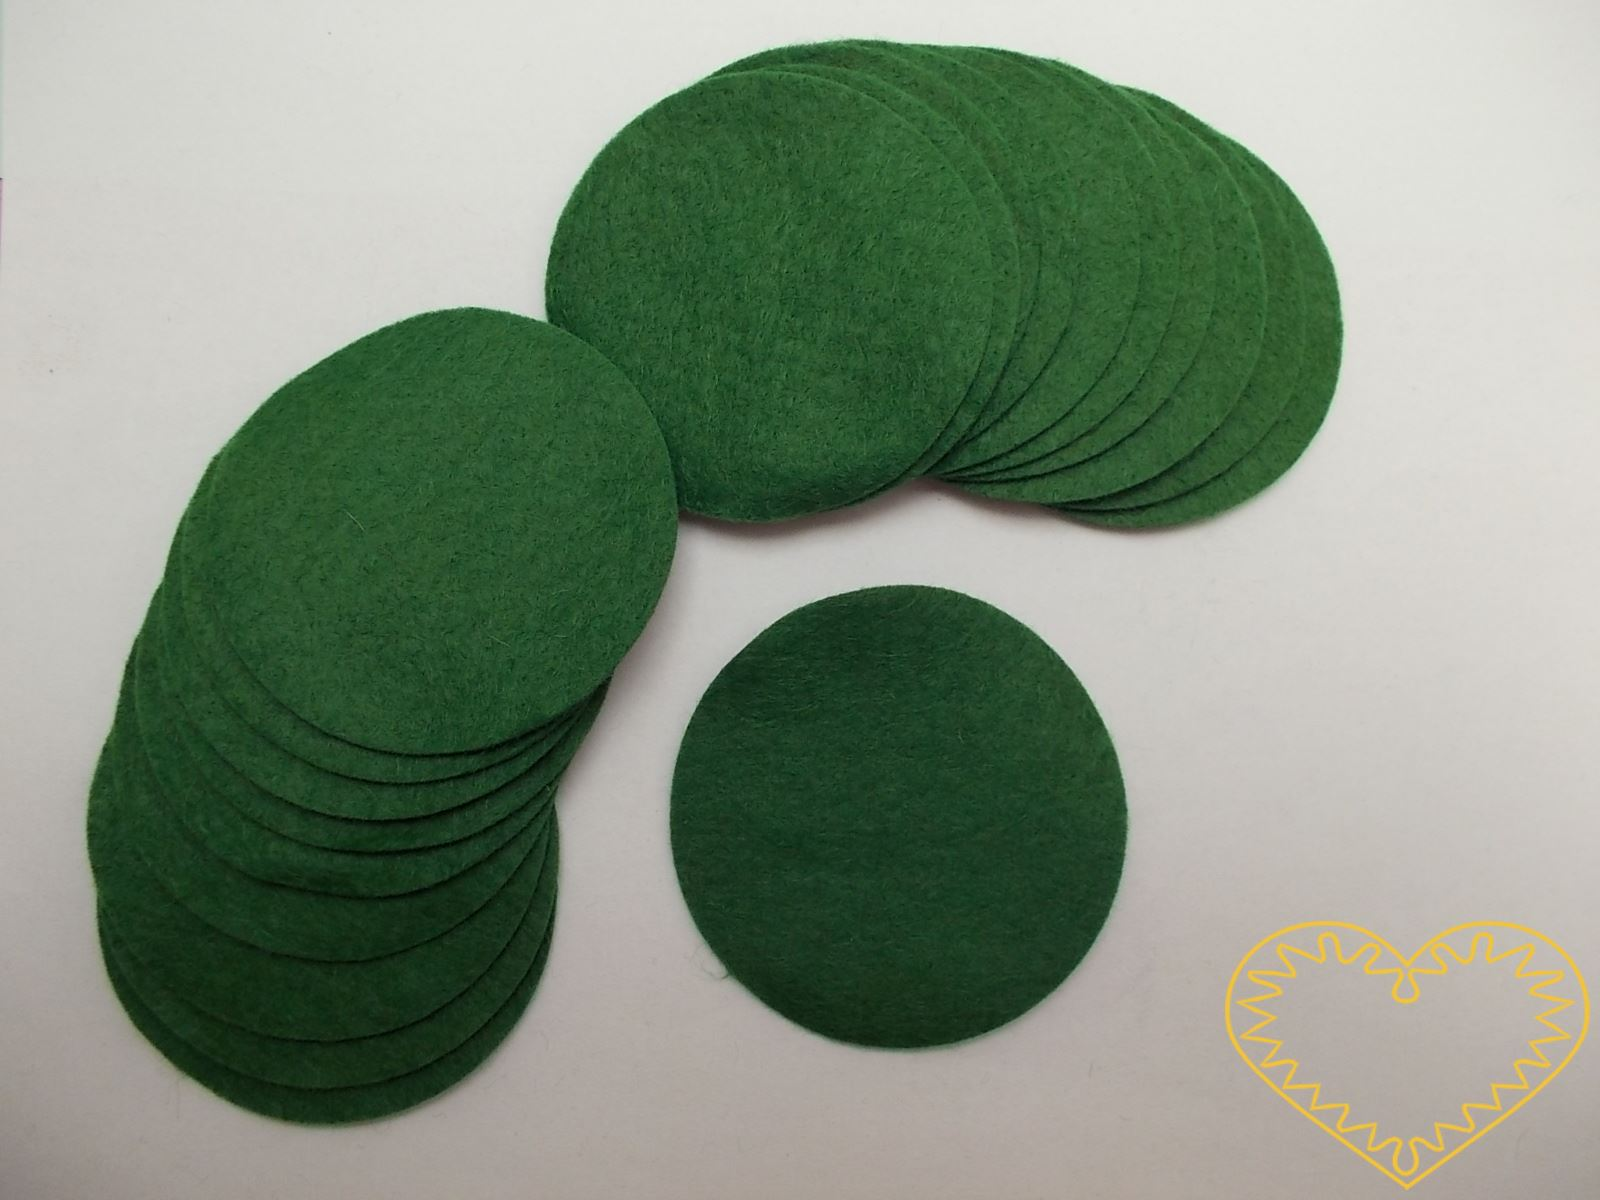 Zelená plstěná kolečka ø 6 cm - 20 ks. Každé kolečko má jiný barevný odstín - celá barevná škála. Kreativní materiál pro nejrůznější tvoření doma i ve škole.